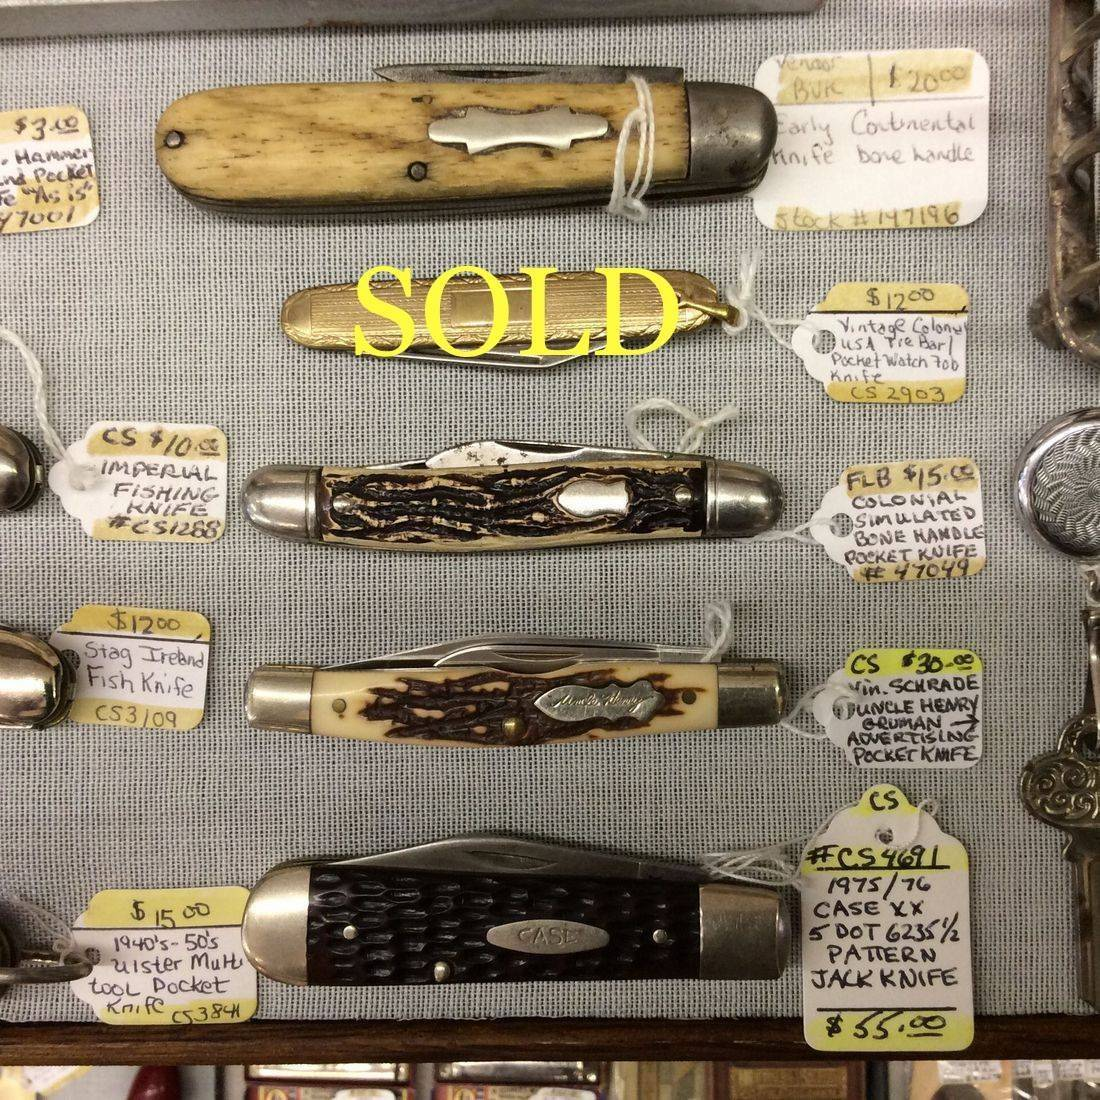 1975/76 Case XX 5-Dot #6235-1/2 Pattern Jack Knife   $55.00,  Vintage Schrade ' Uncle Henry ' Gruman Advertising Pocket Knife Model 833UH   $30.00